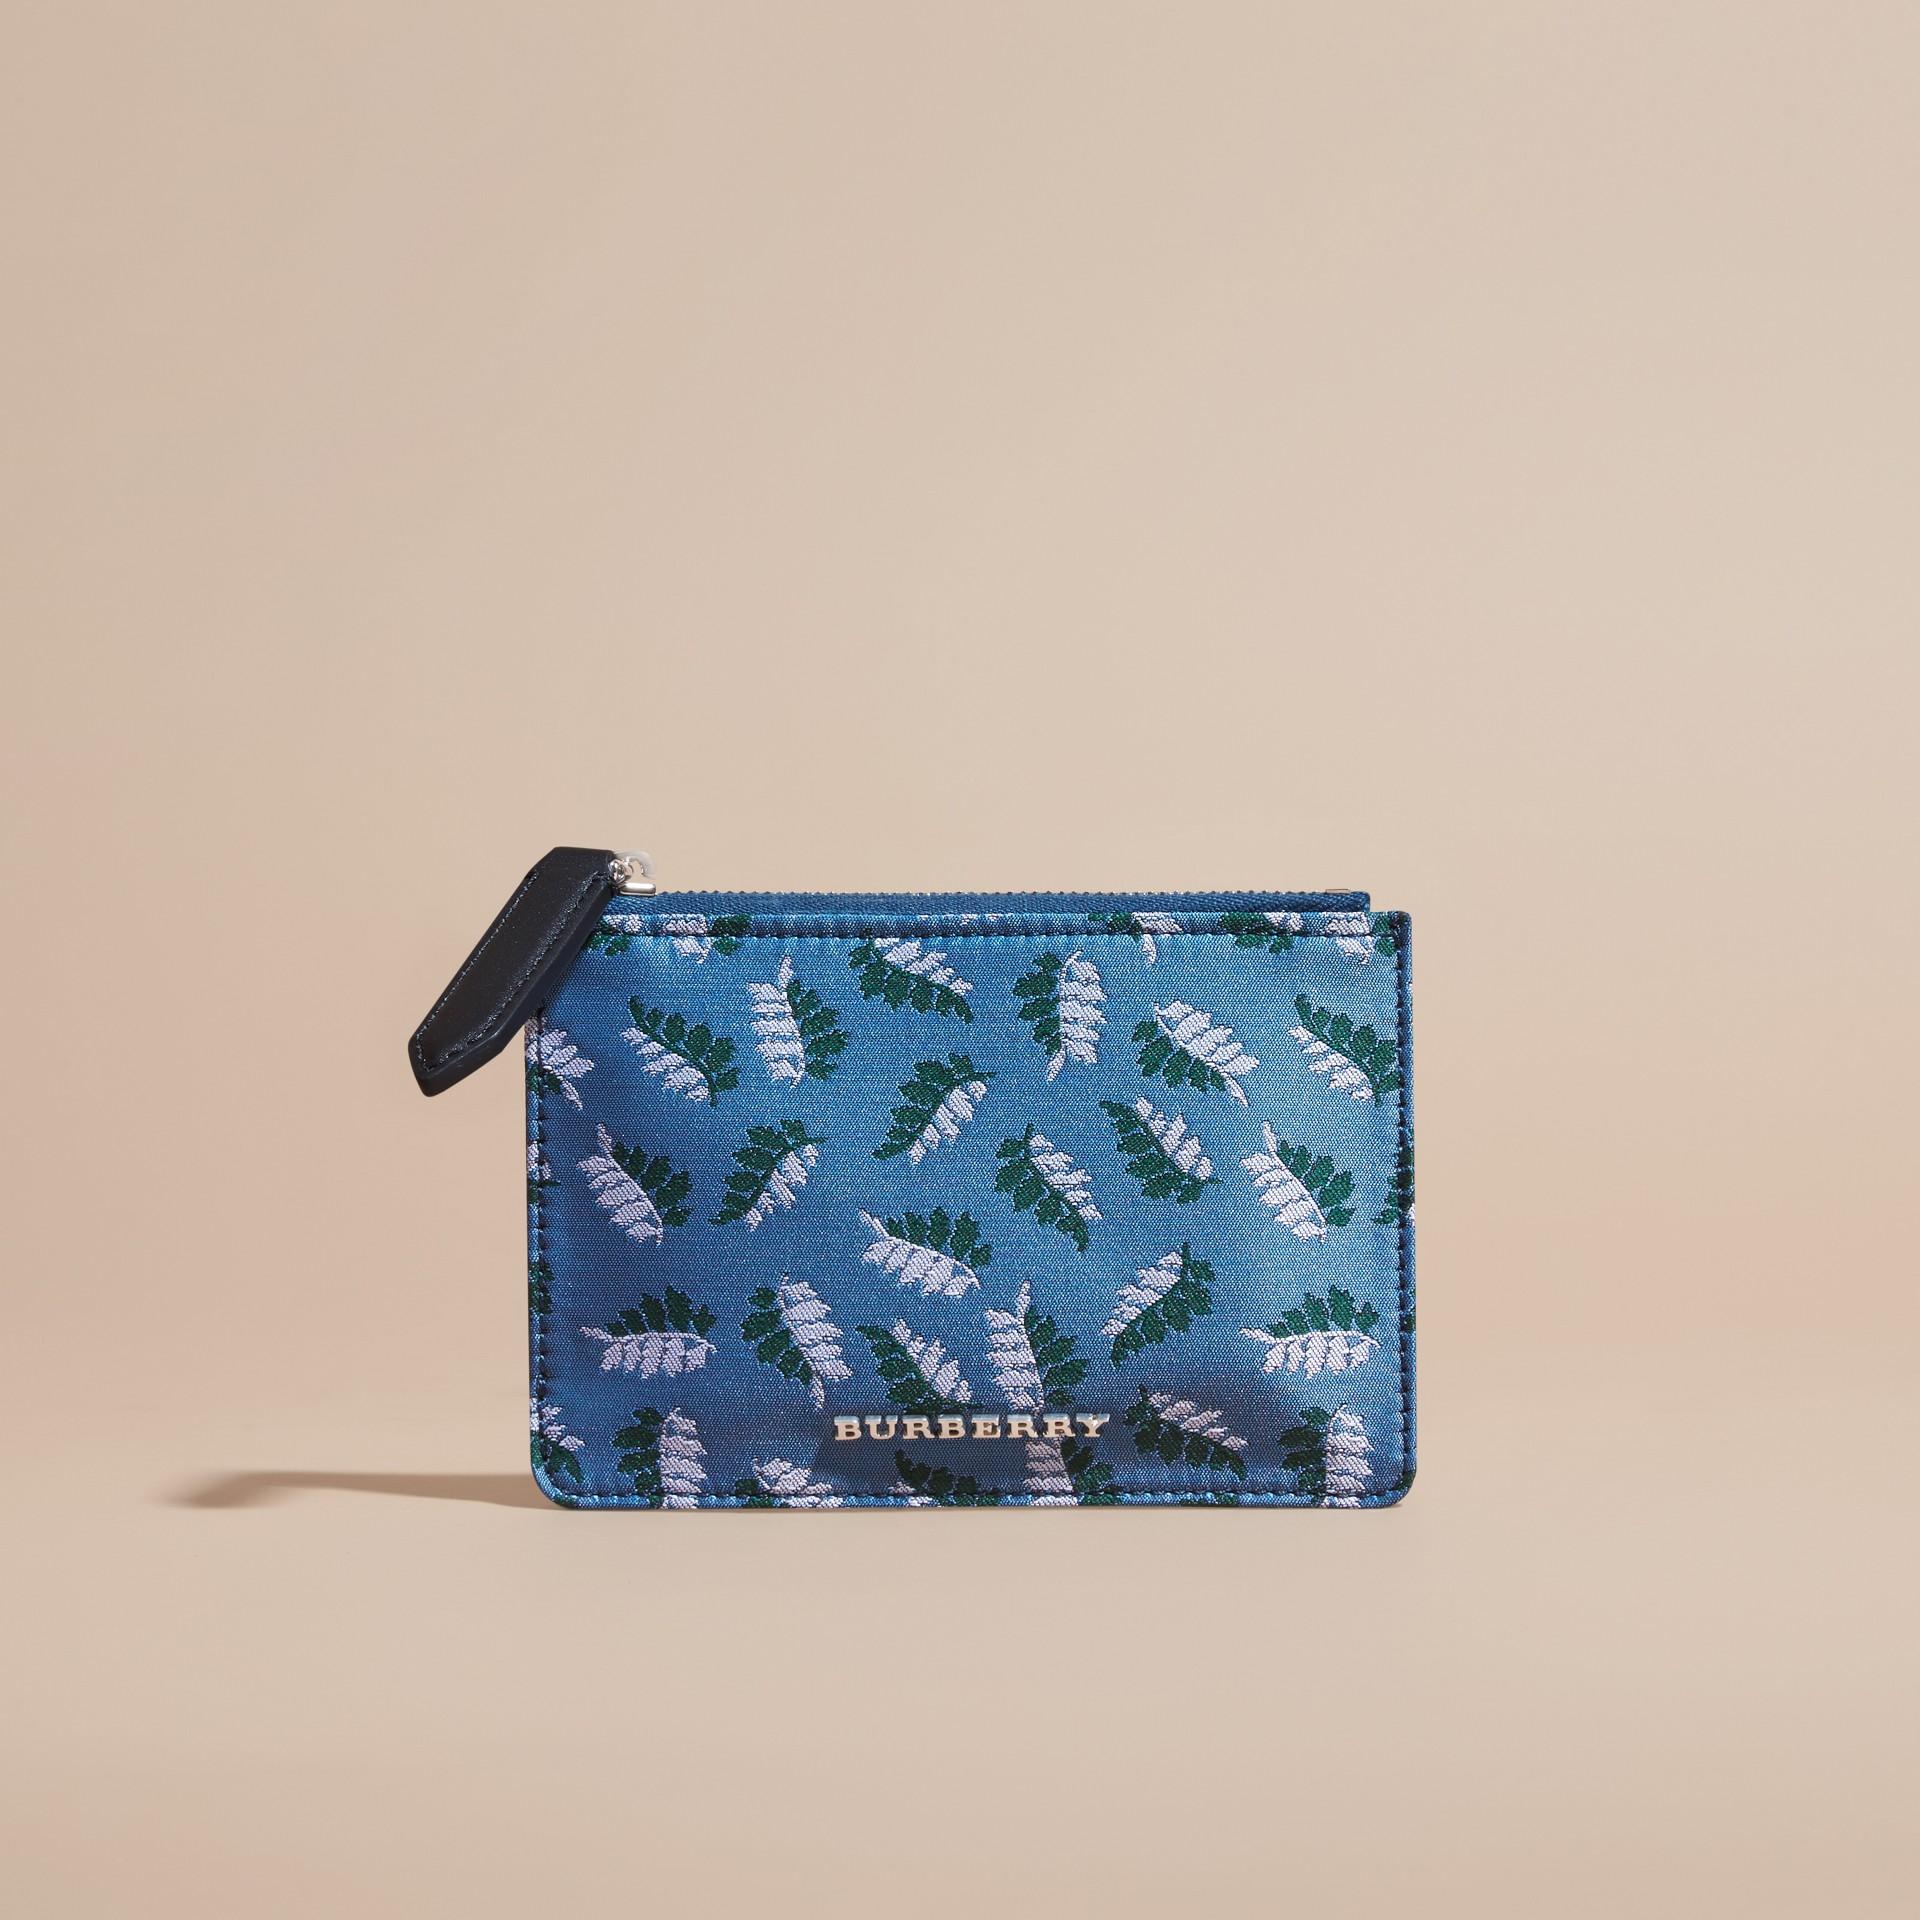 Bleu azur intense Portefeuille en jacquard à motif feuillage avec zip supérieur Bleu Azur Intense - photo de la galerie 6